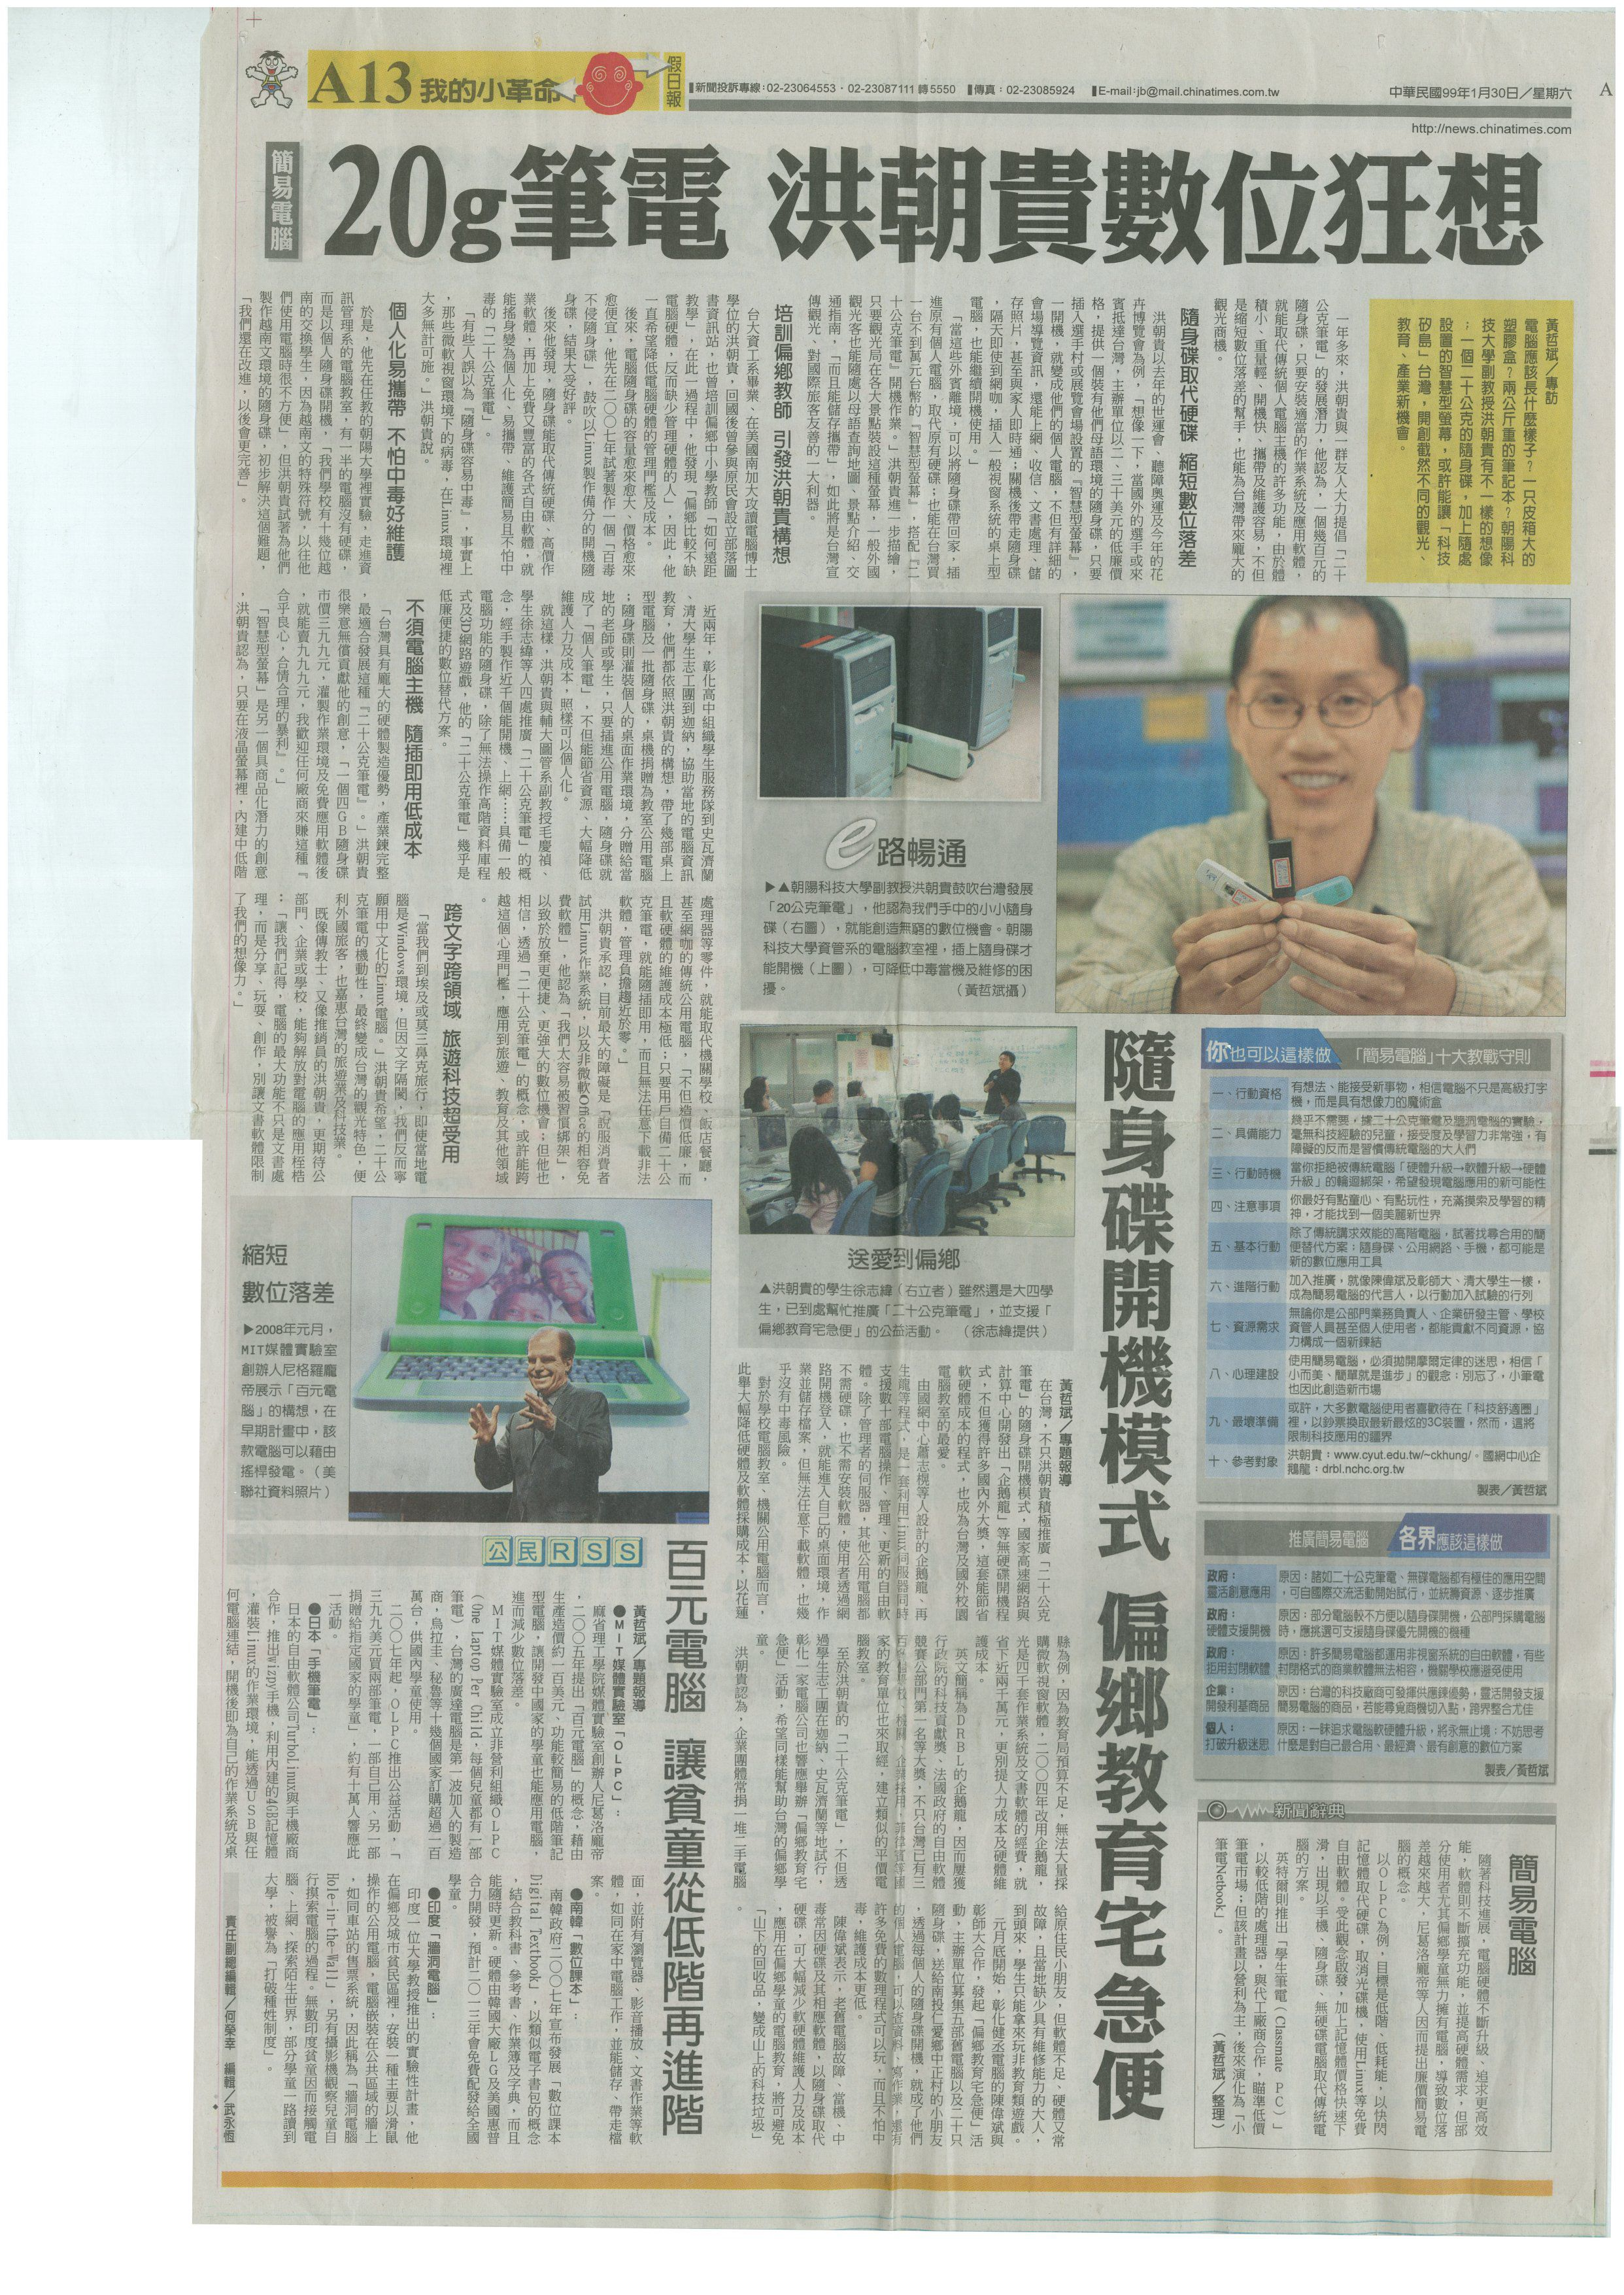 中國時報 2010/1/30 報導: 20g 筆電 洪朝貴數位狂想